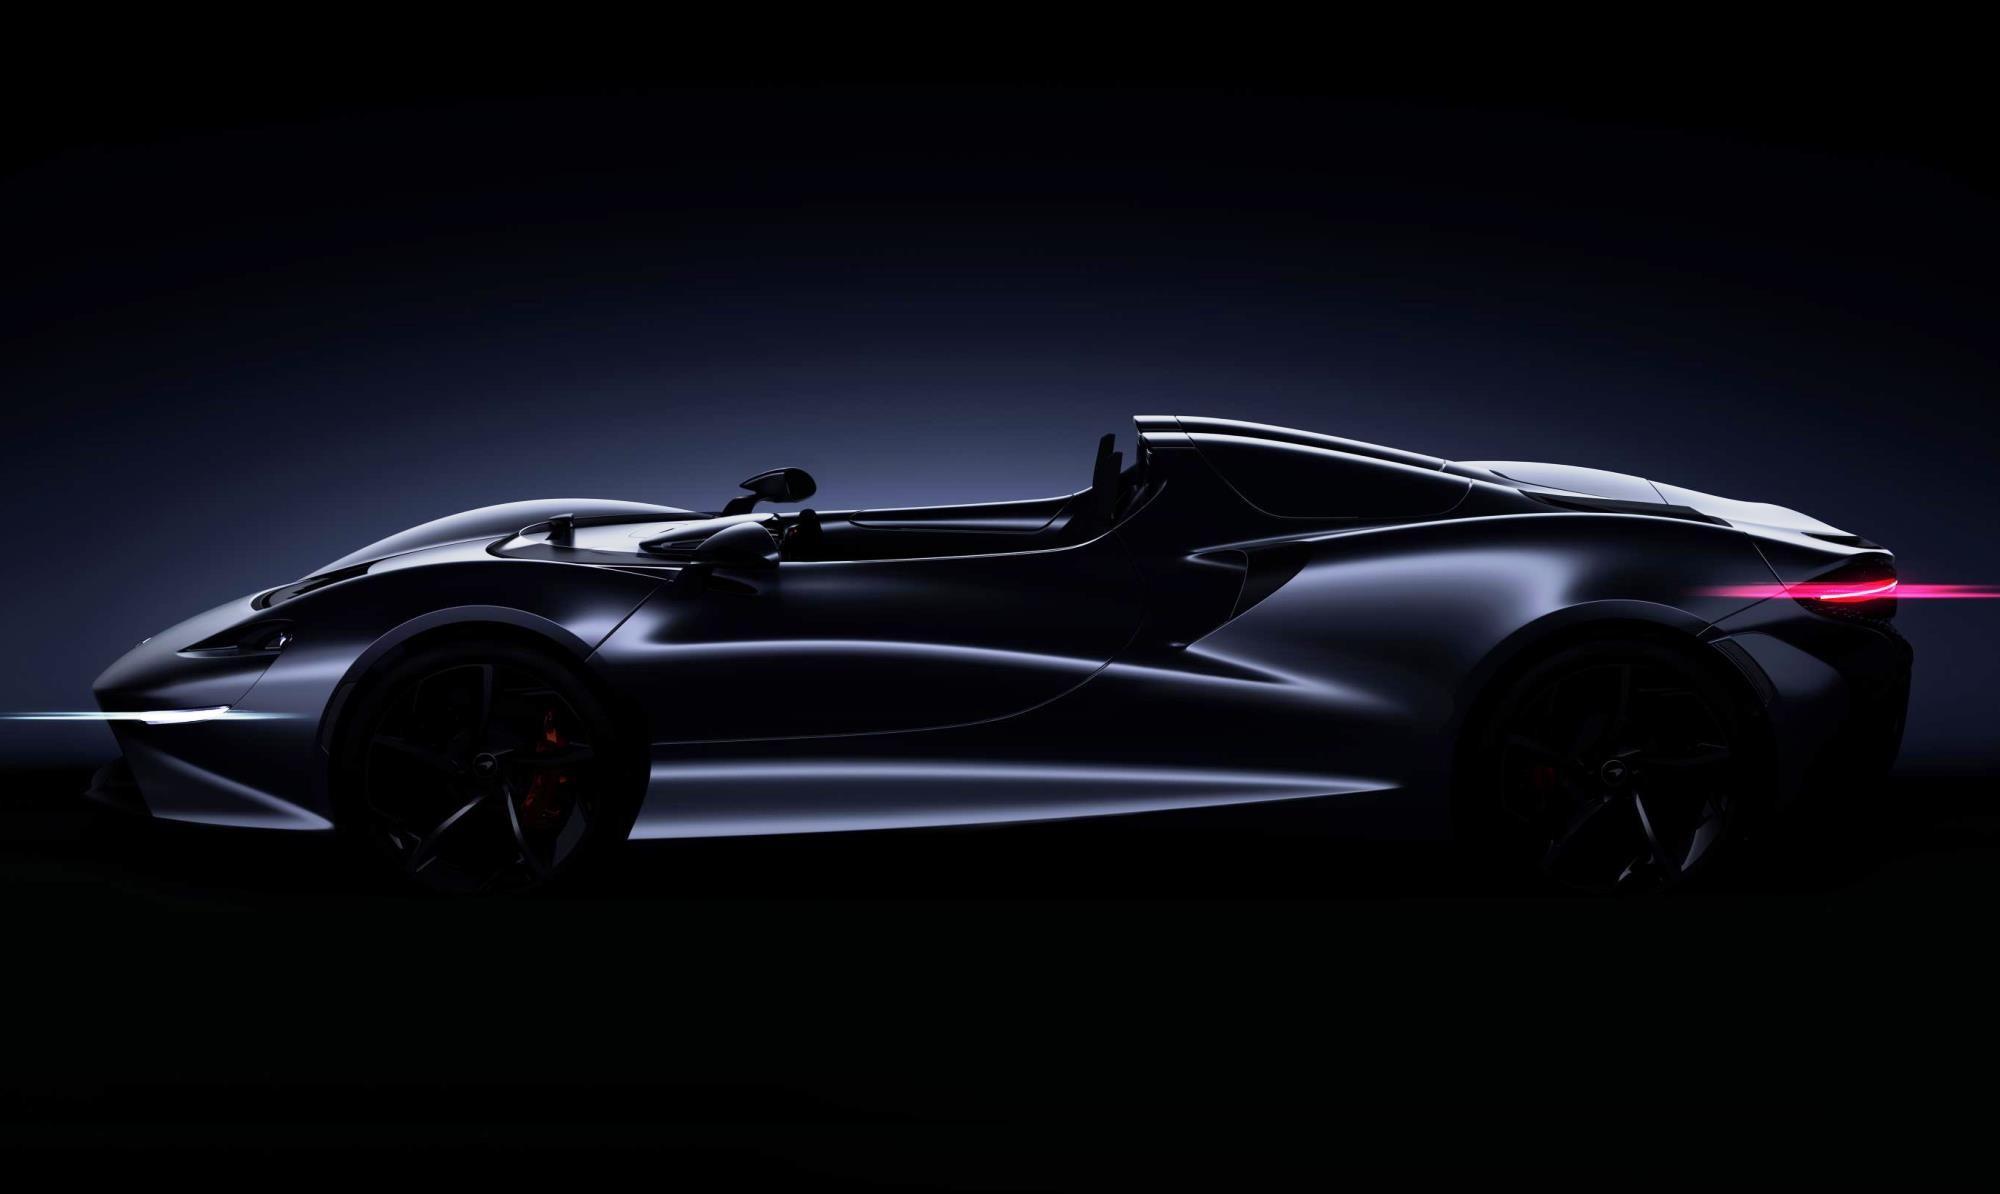 New McLaren Ultimate Series